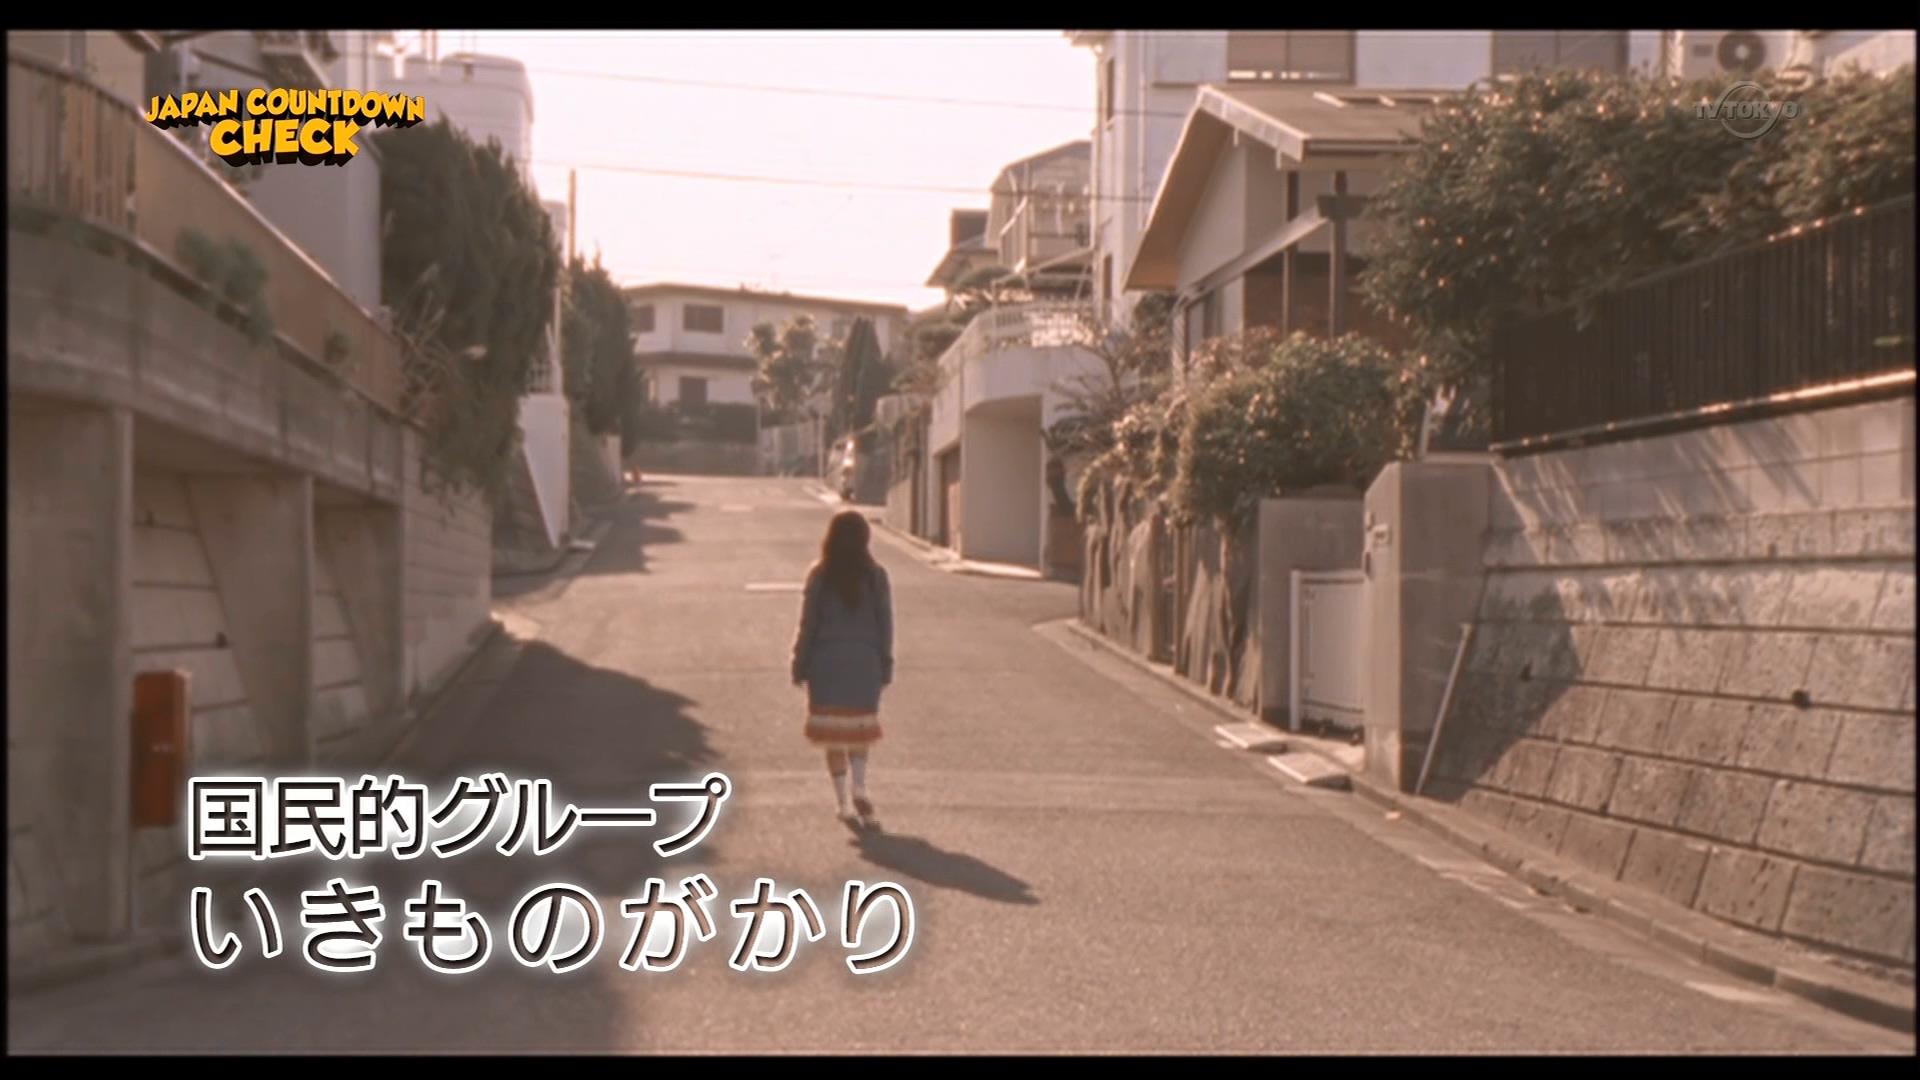 2016.03.20 いきものがかり - 10年たっても私たちはいきものがかりが大好き!日本のスタンダードであり続ける理由(JAPAN COUNTDOWN).ts_20160320_103719.455